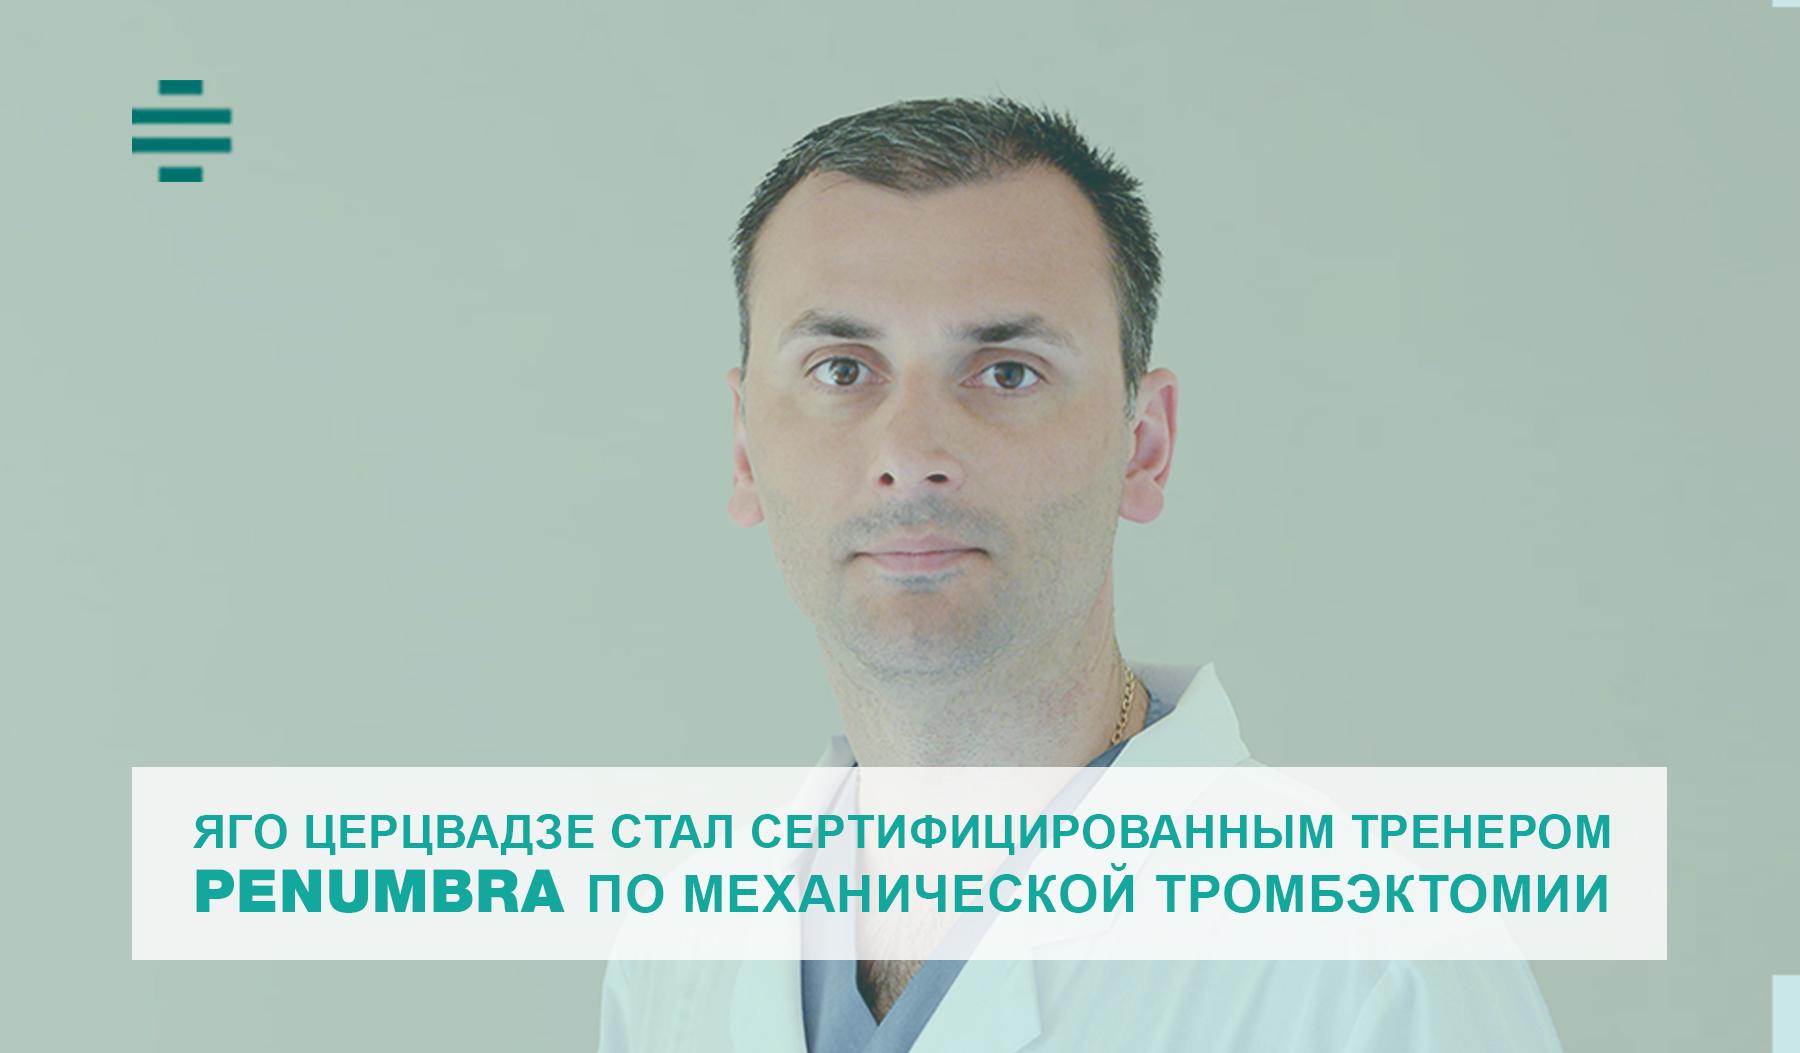 Яго Церцвадзе стал сертифицированным тренером Penumbra по механической тромбэктомии